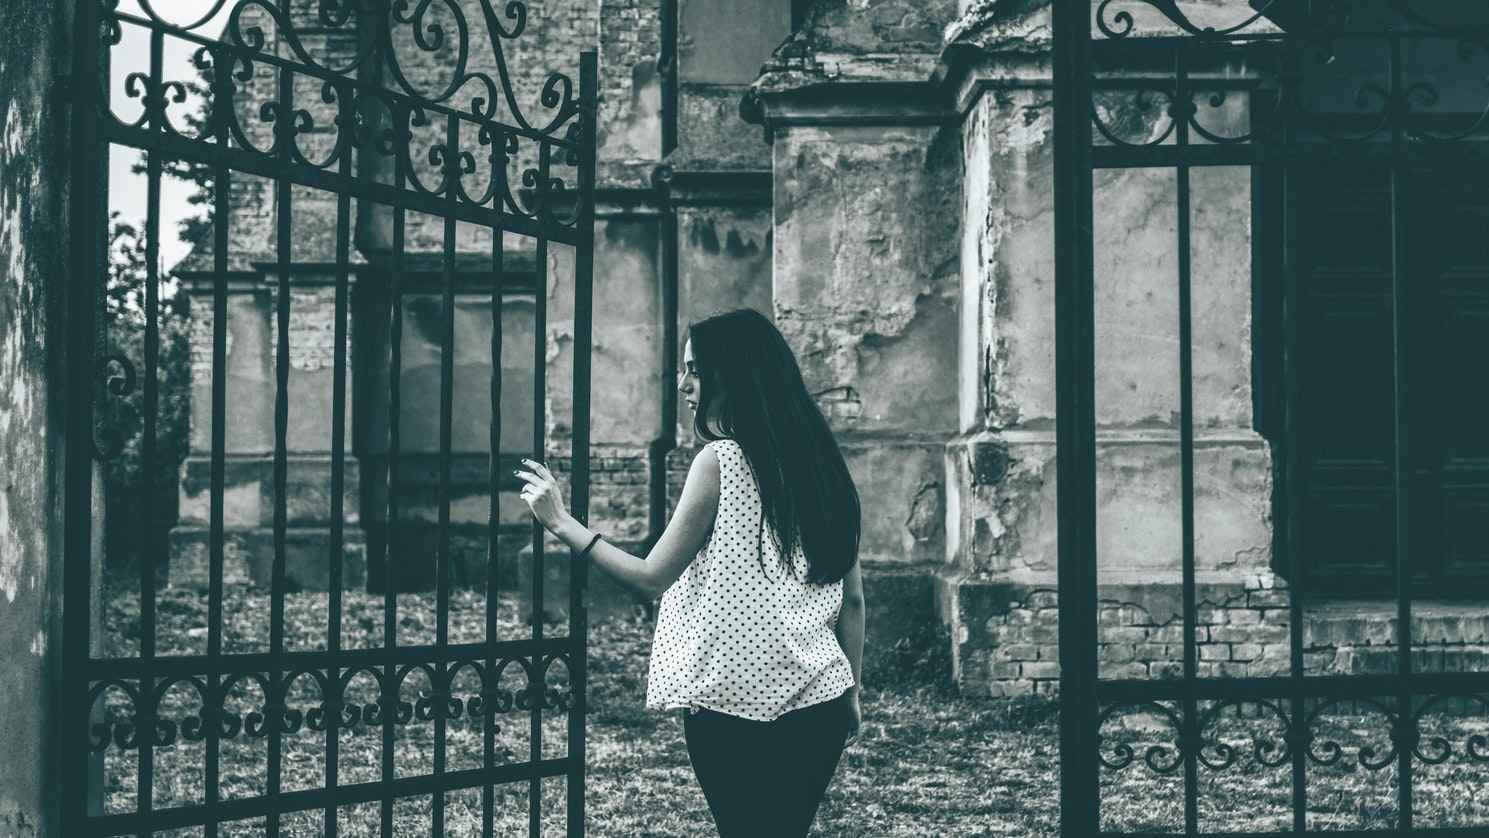 Ворота с кованными элементами фотография | Девушка на фоне